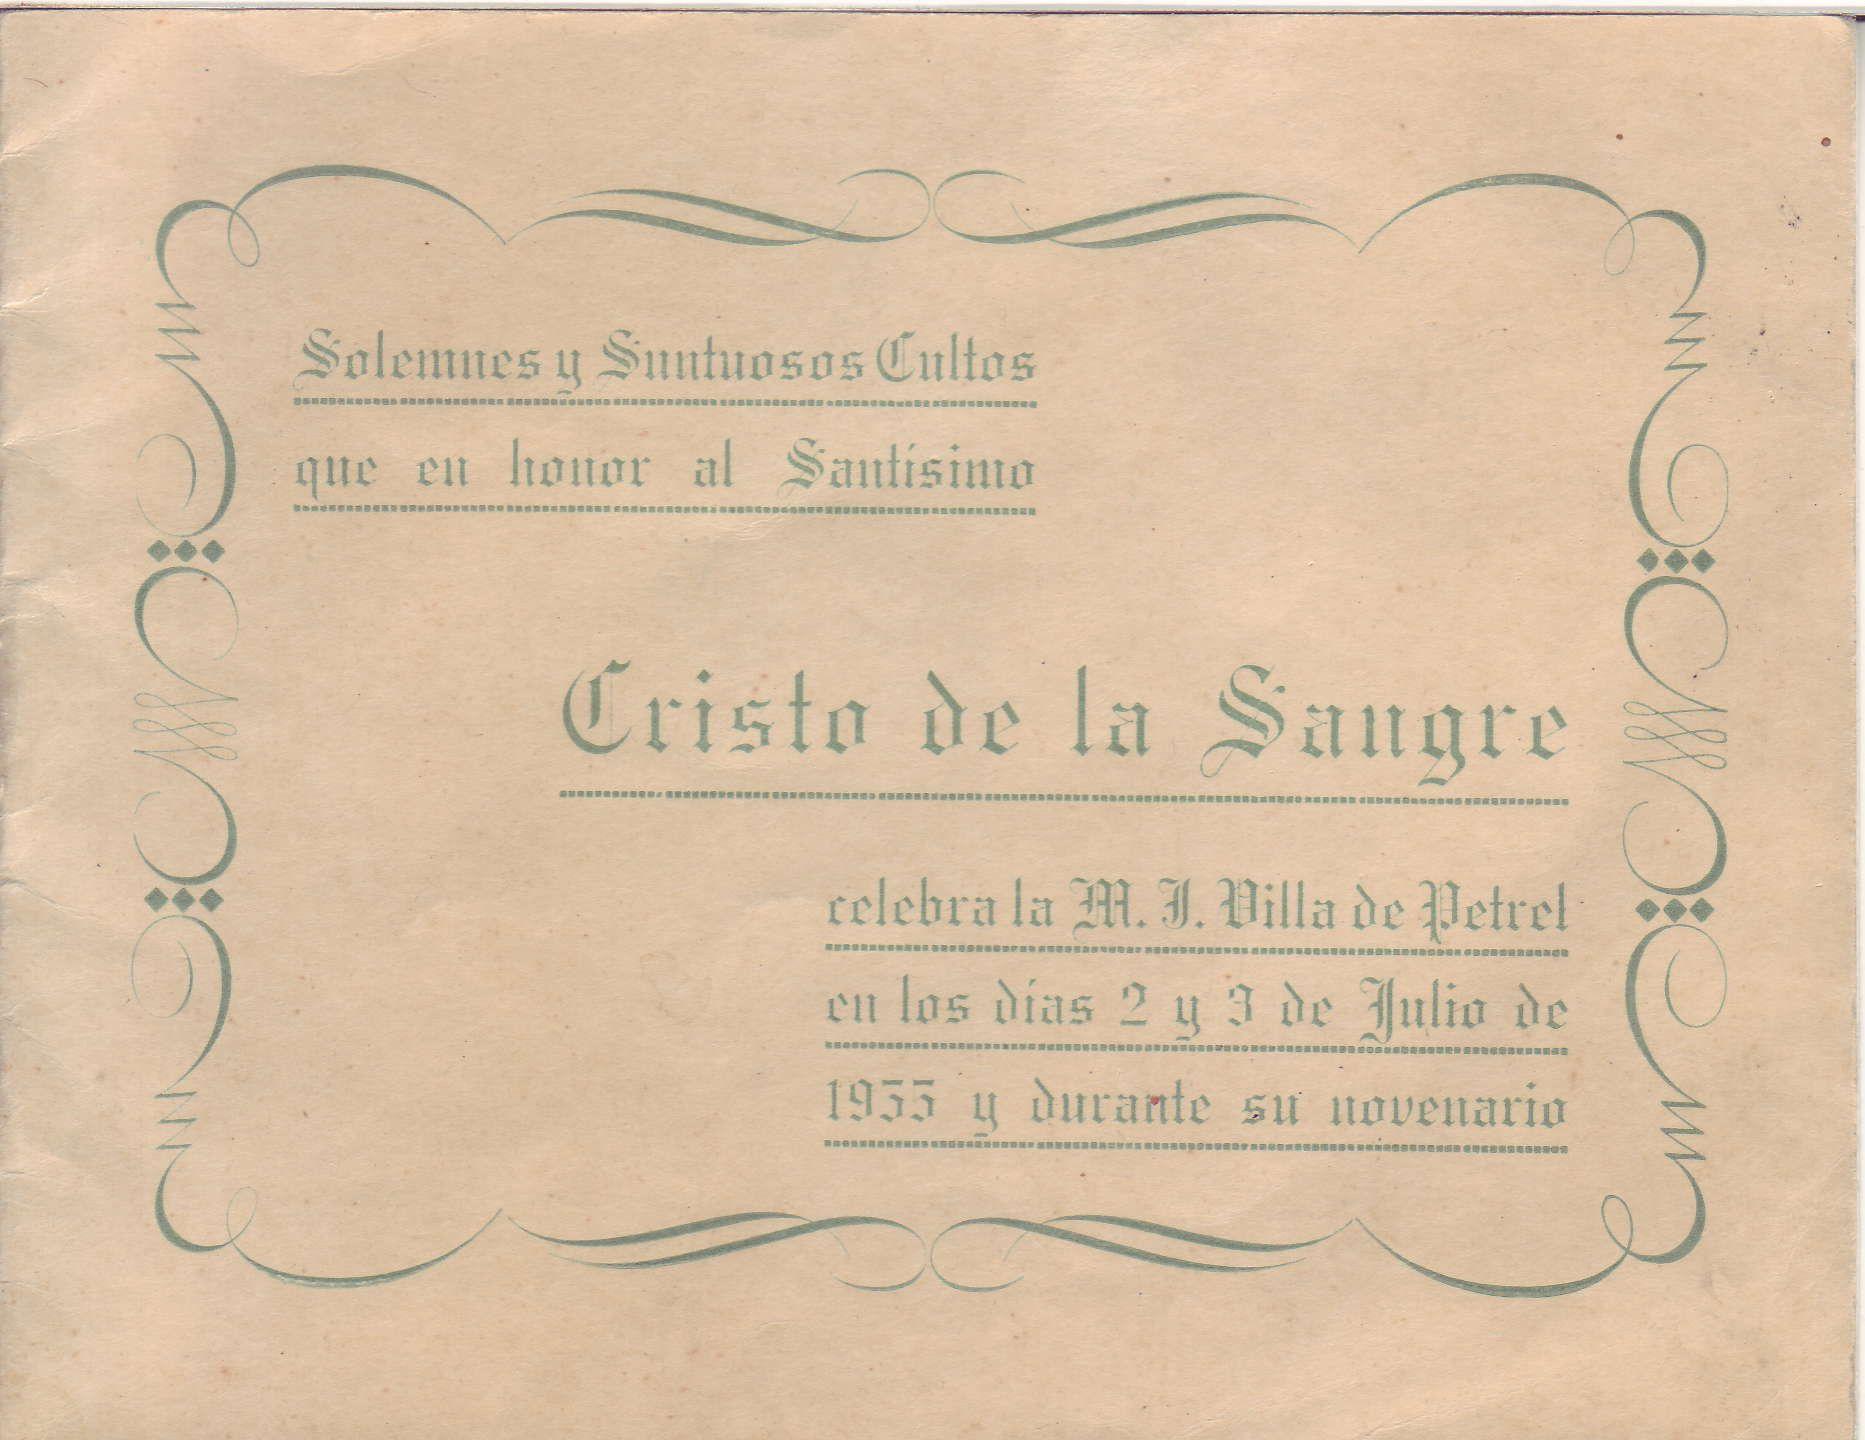 ElCristo - Revista - Portada Año 1955